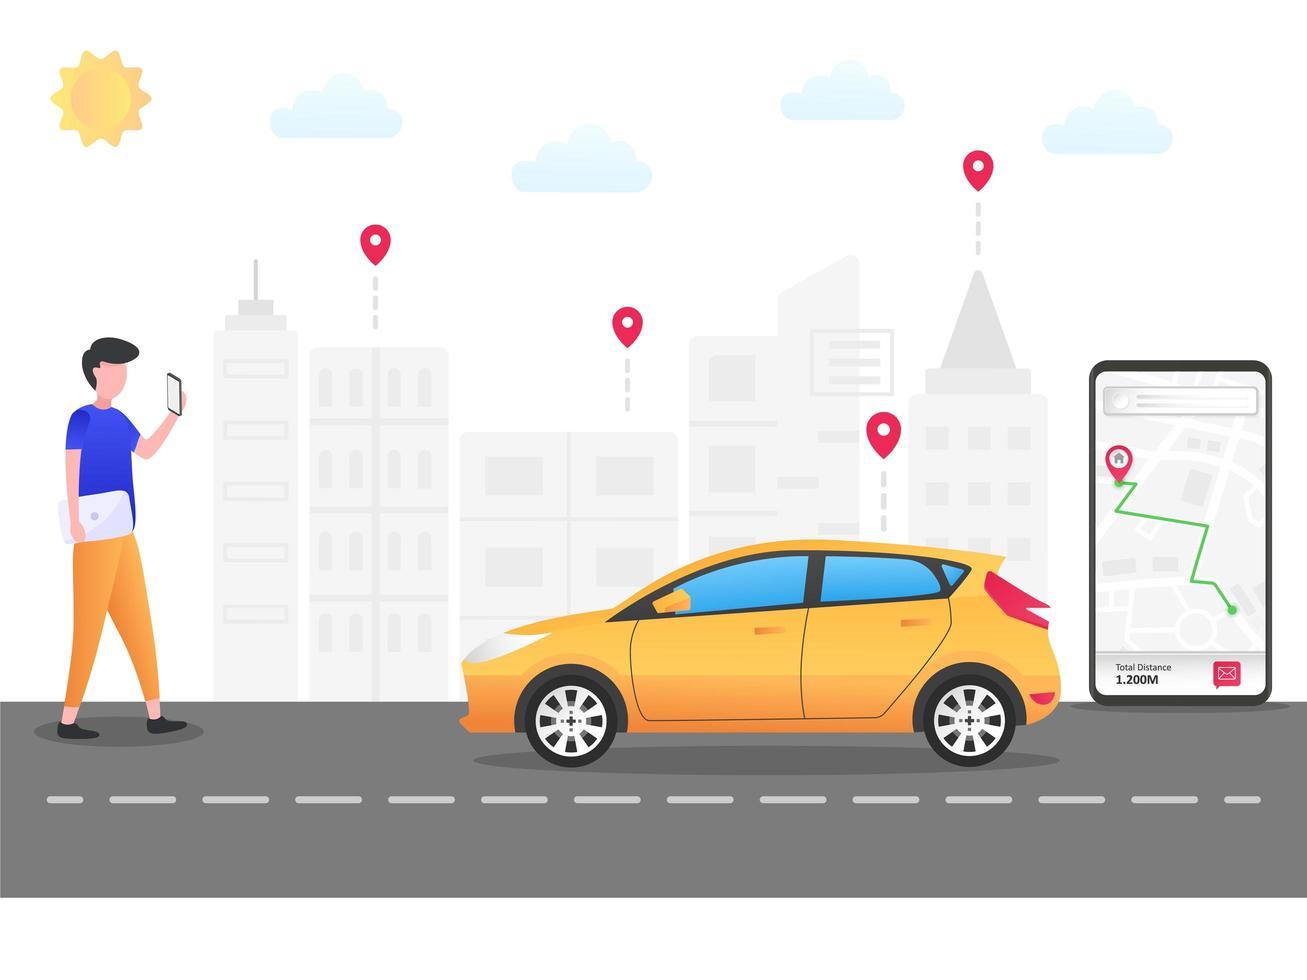 Замовлення таксі через мобільний додаток - Зображення 1